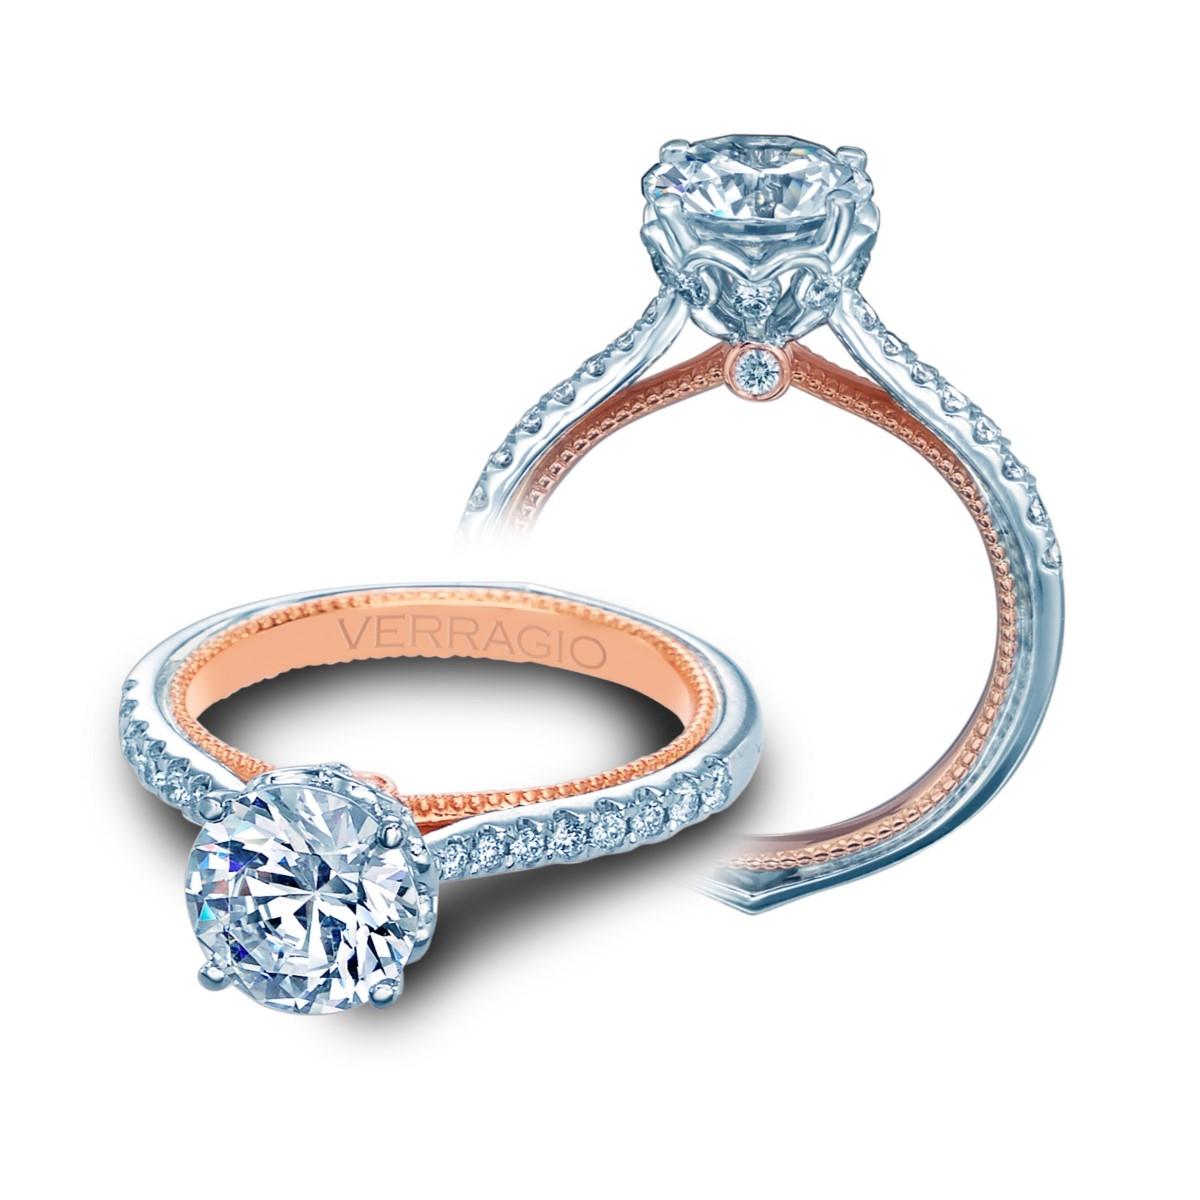 Verragio Couture 0456r 2wr Platinum Enement Ring